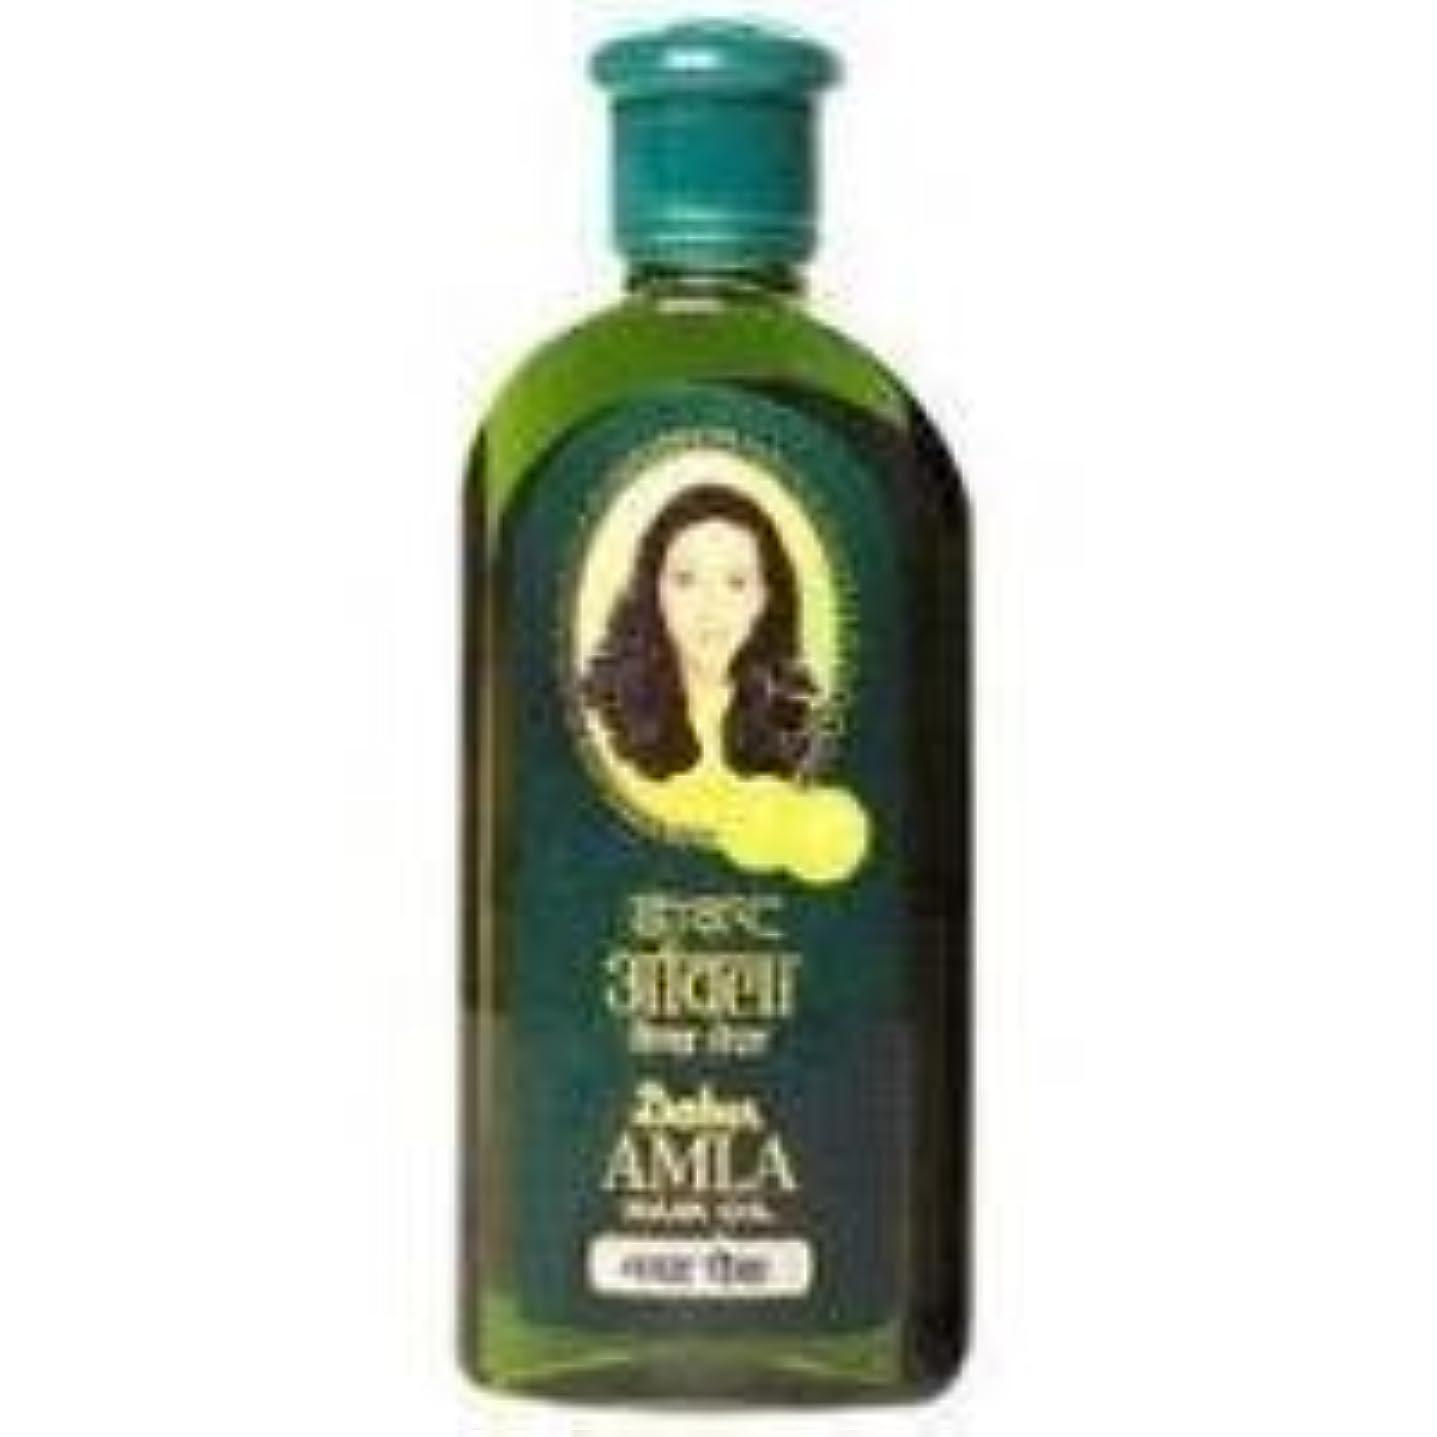 構造葉っぱ政治的Dabur Amla Hair Oil, 500 ml Bottle by Dabur [並行輸入品]